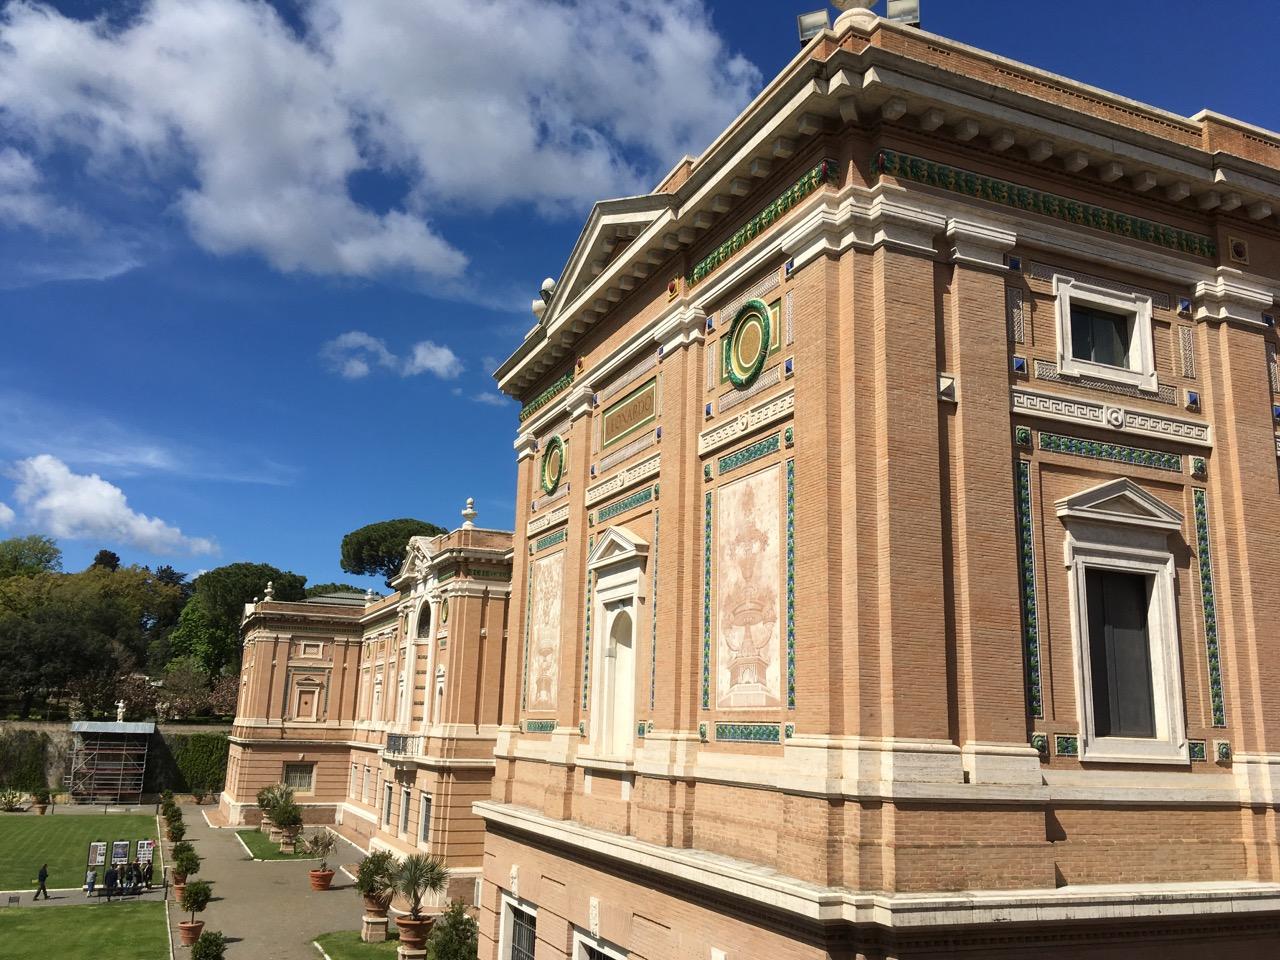 建筑都很漂亮,因为以前是教皇的宫廷